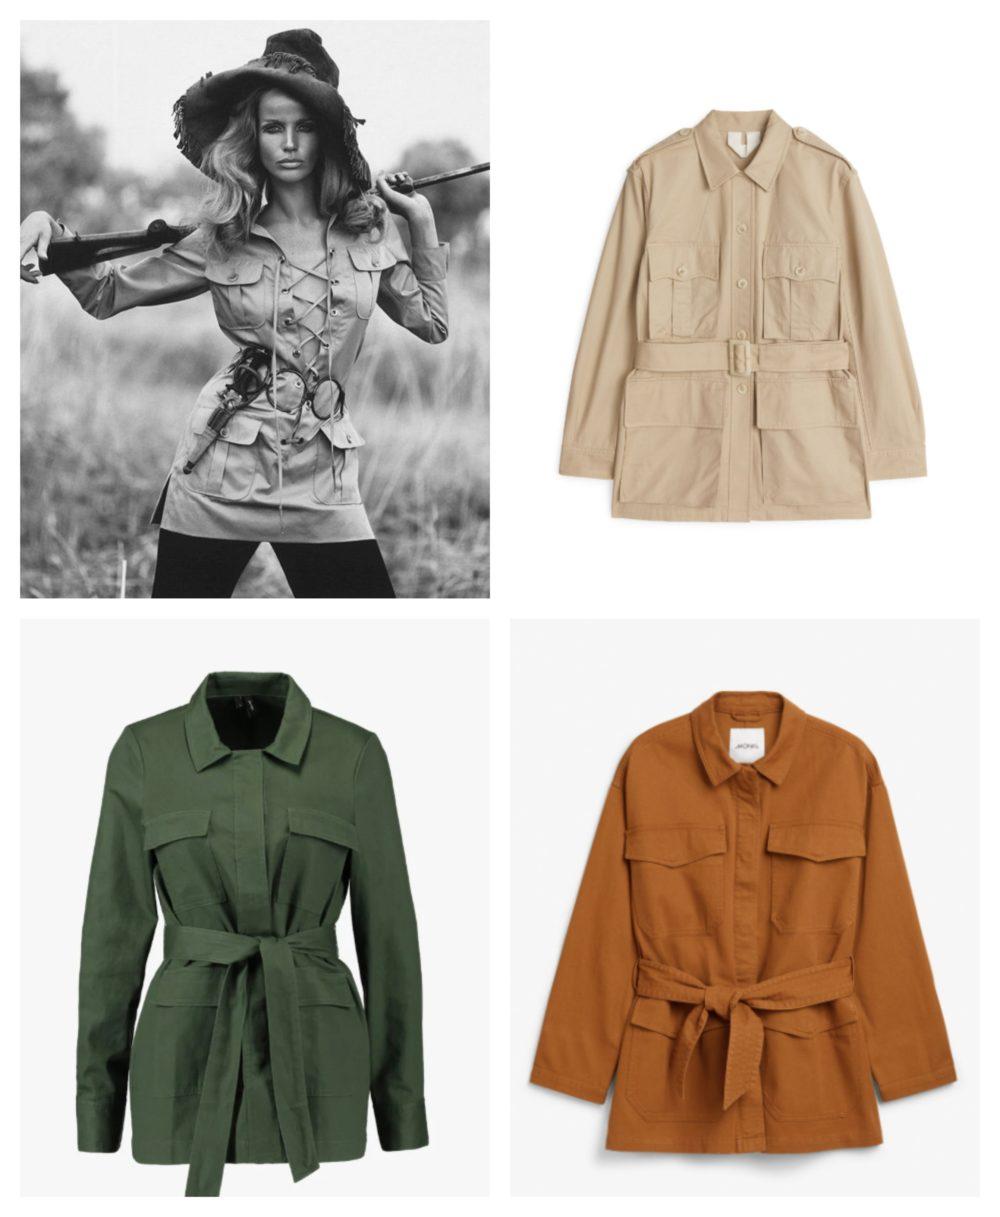 M&H toppliste: Trendy safari jakker Melk & Honning